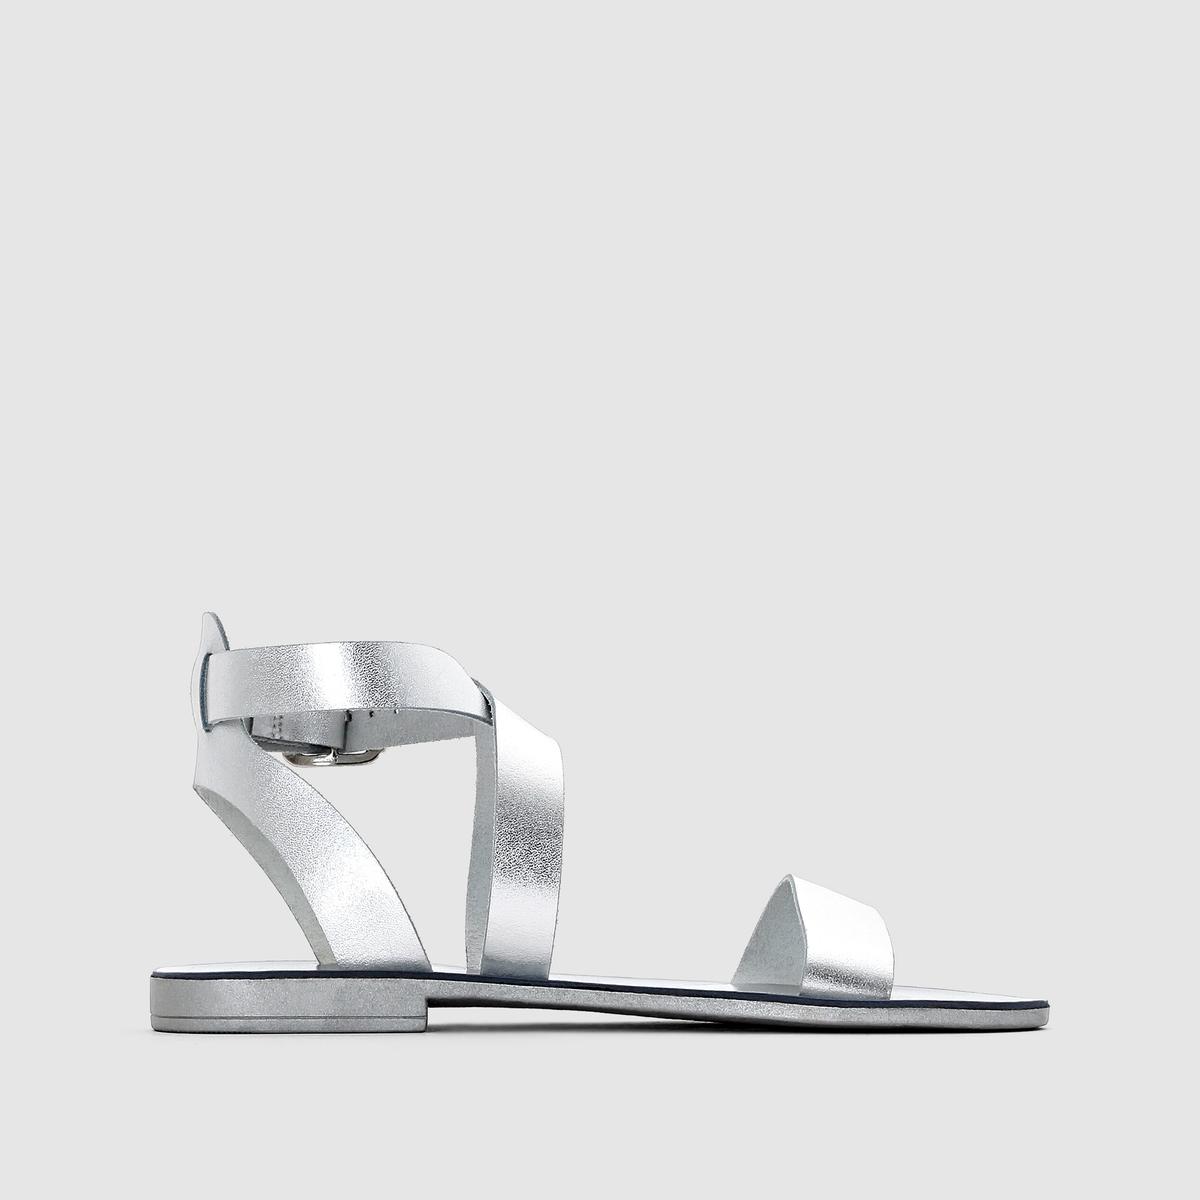 Босоножки DUNE LONDON LOTTIБосоножки открытые на небольшом каблуке LOTTI от DUNE LONDON .Верх : яловичная кожаПодкладка : синтетика Стелька : синтетика Подошва : синтетика Высота каблука    : 1,5 см Застежка  : ремешок с пряжкой.<br><br>Цвет: серебристый<br>Размер: 37